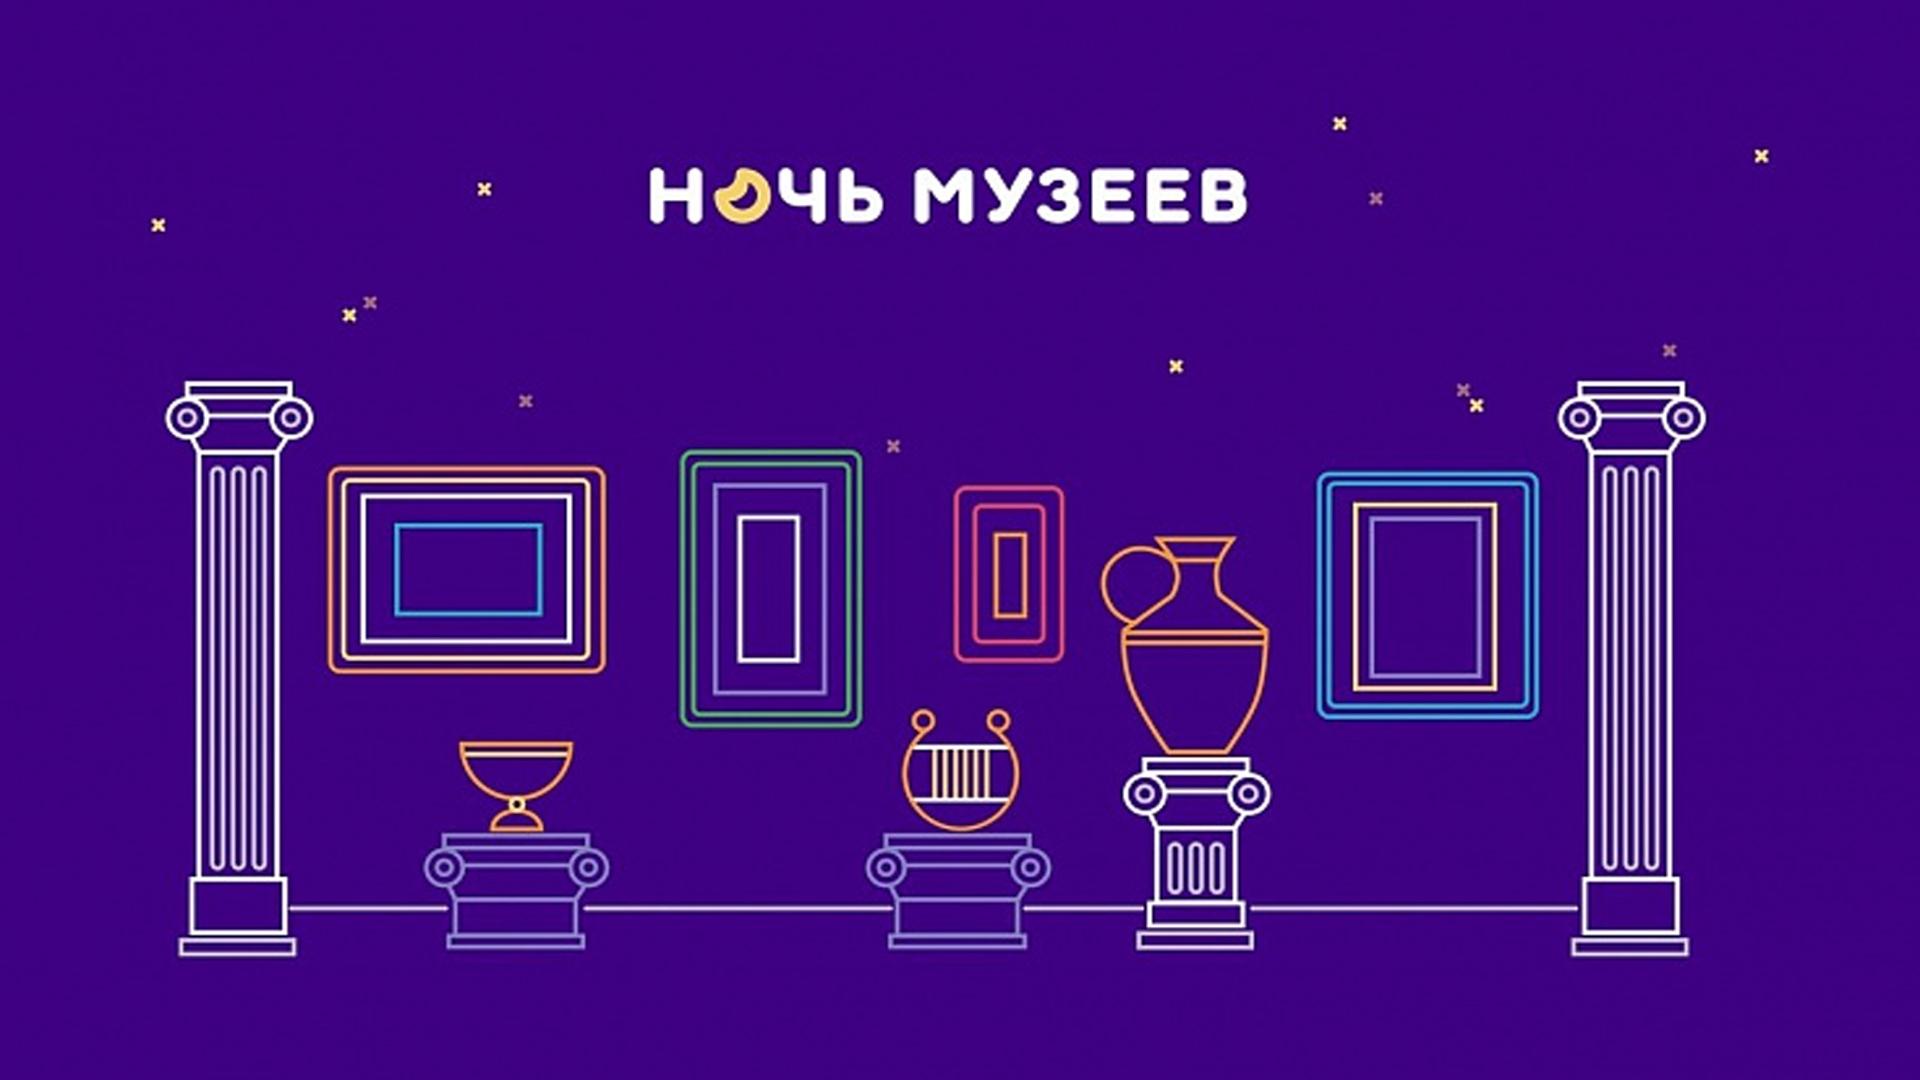 Парки «Россия - моя история» в 23 регионах РФ организуют программы к акции «Ночь музеев»